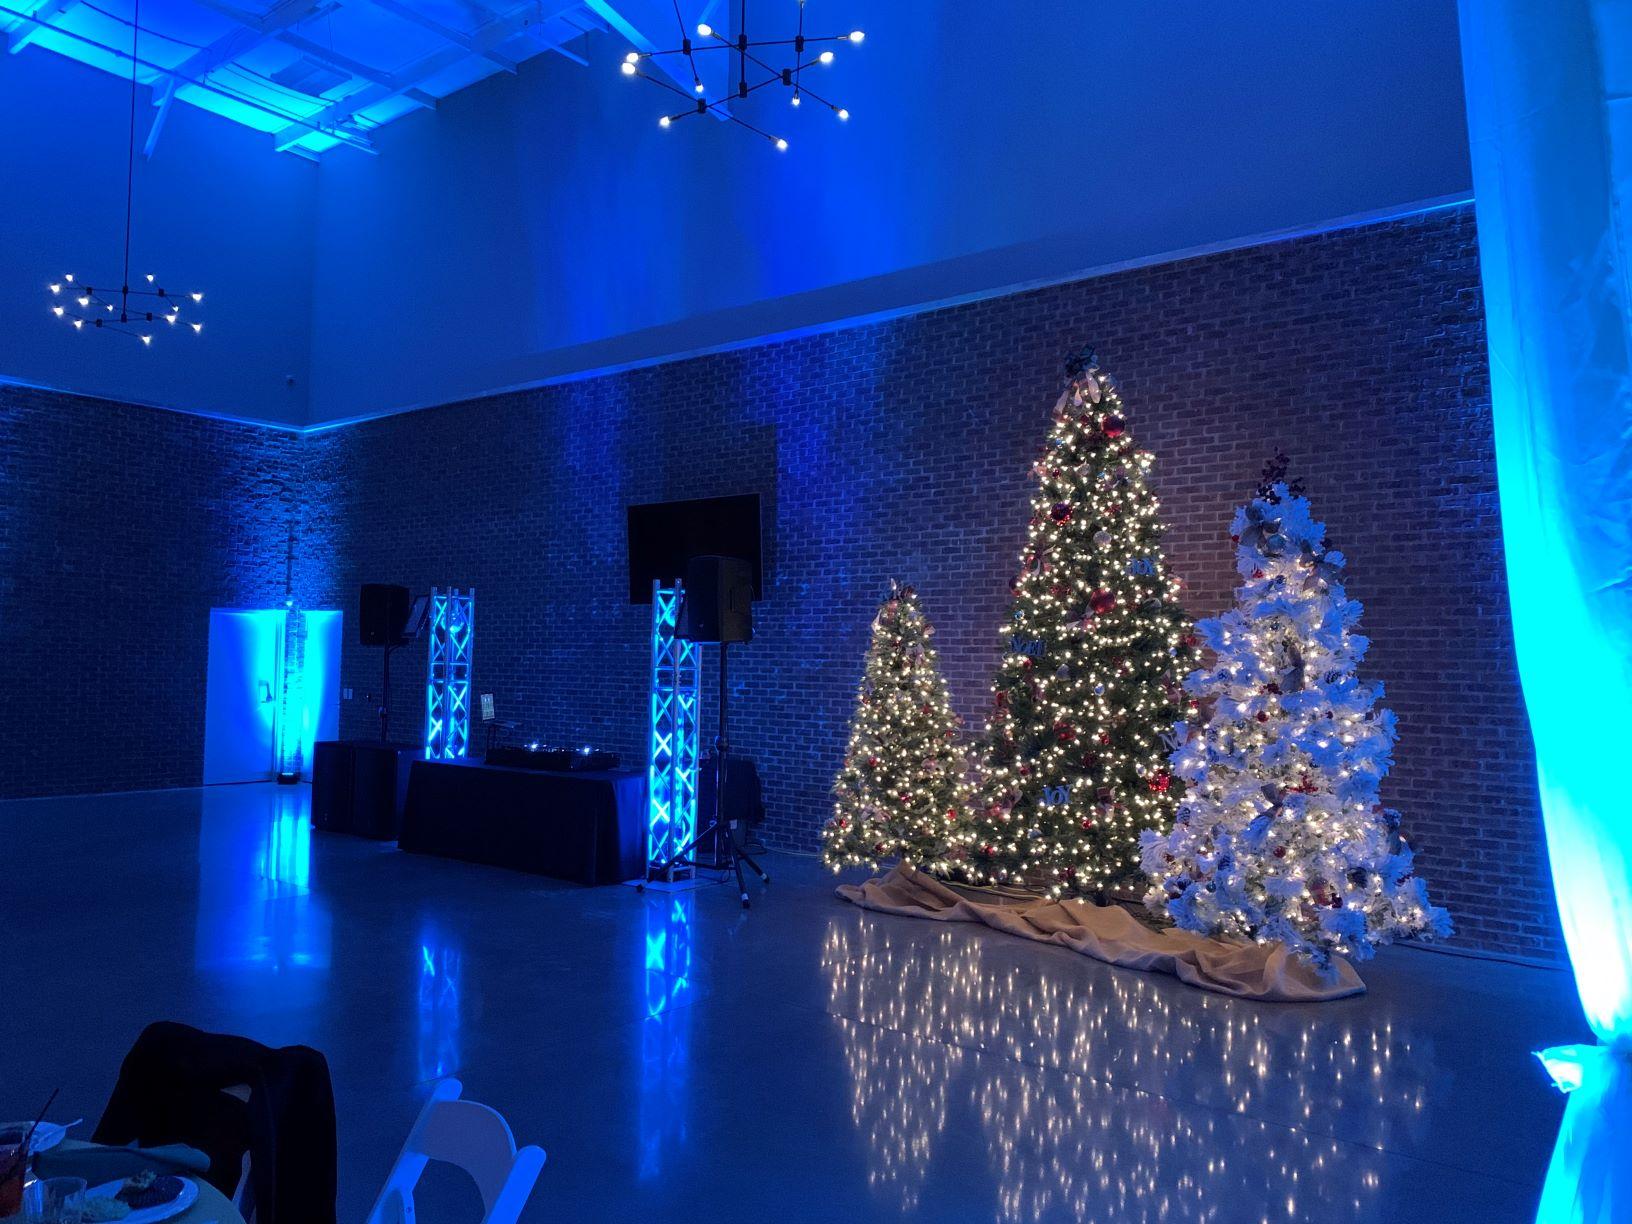 Elkhart Center 615 Ice Blue Uplighting